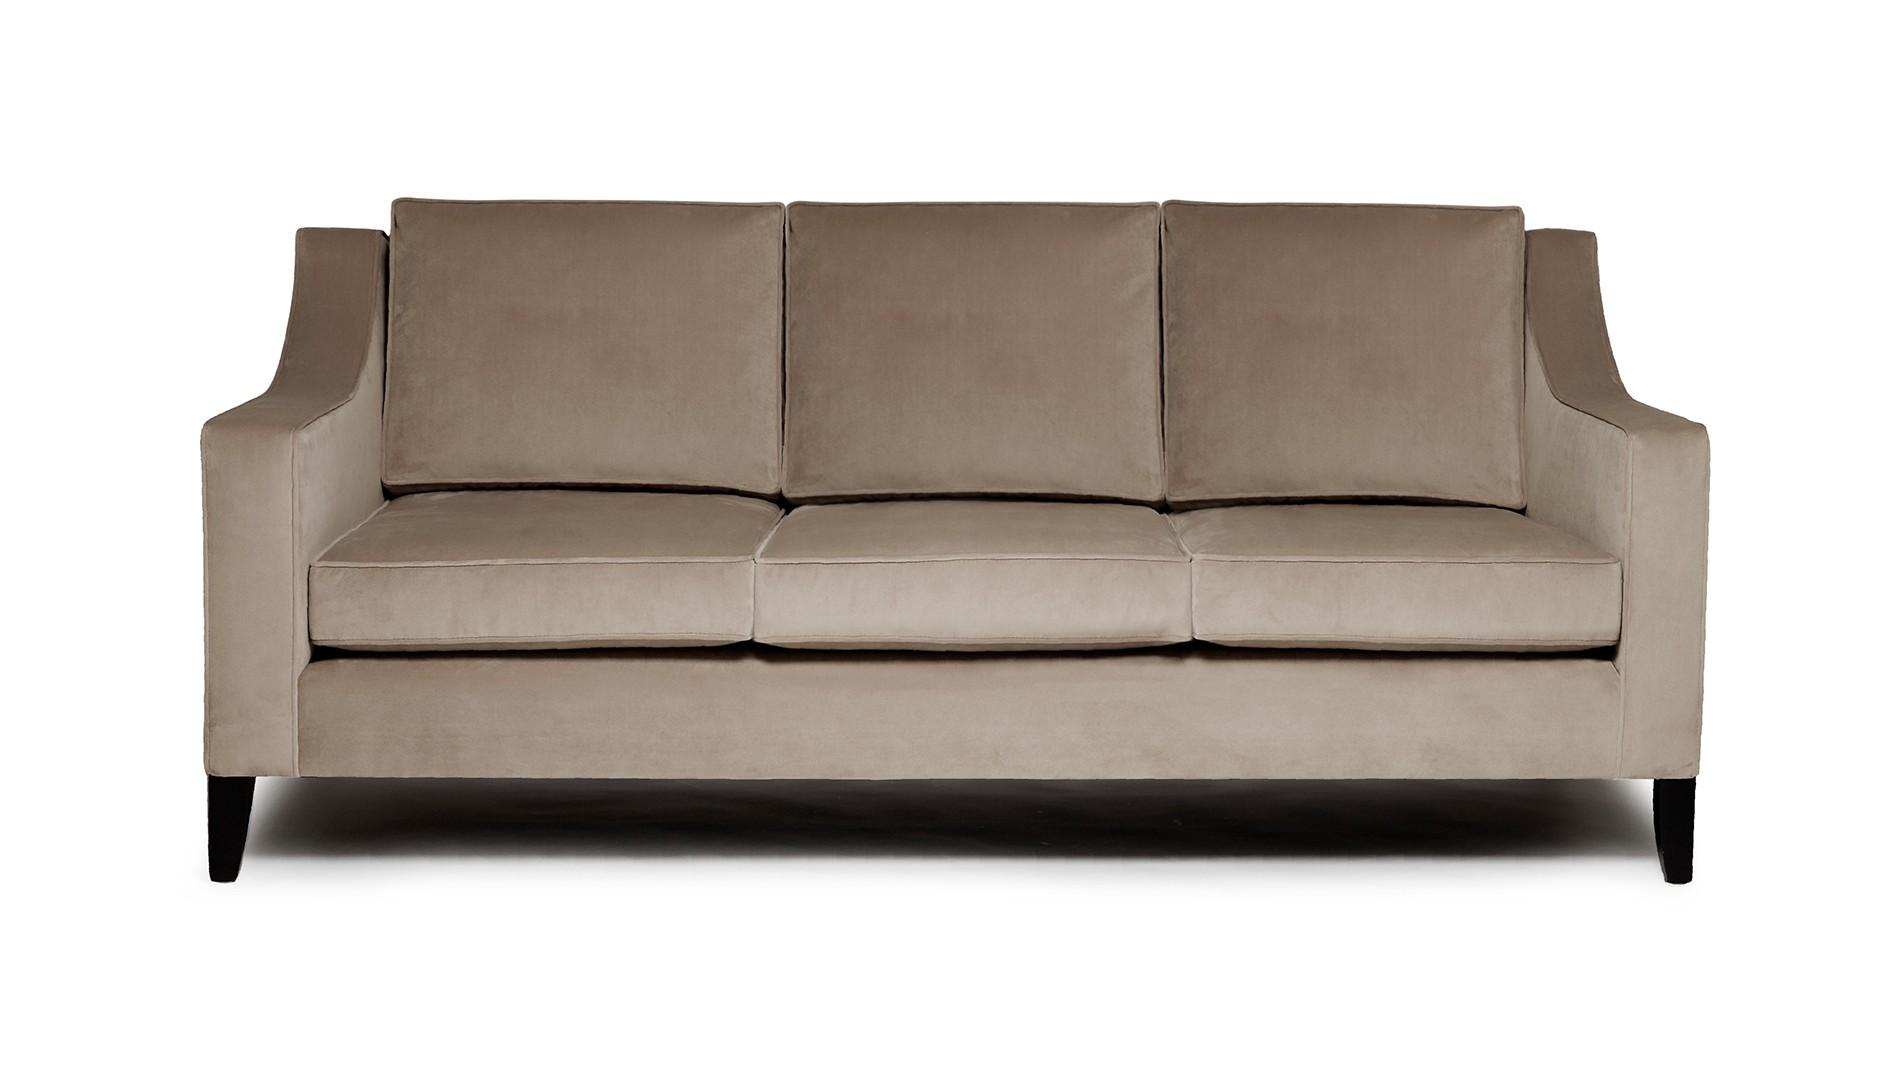 Beautiful Plaza Luxury Velvet Sofa - LuxDeco.com luxury velvet sofas